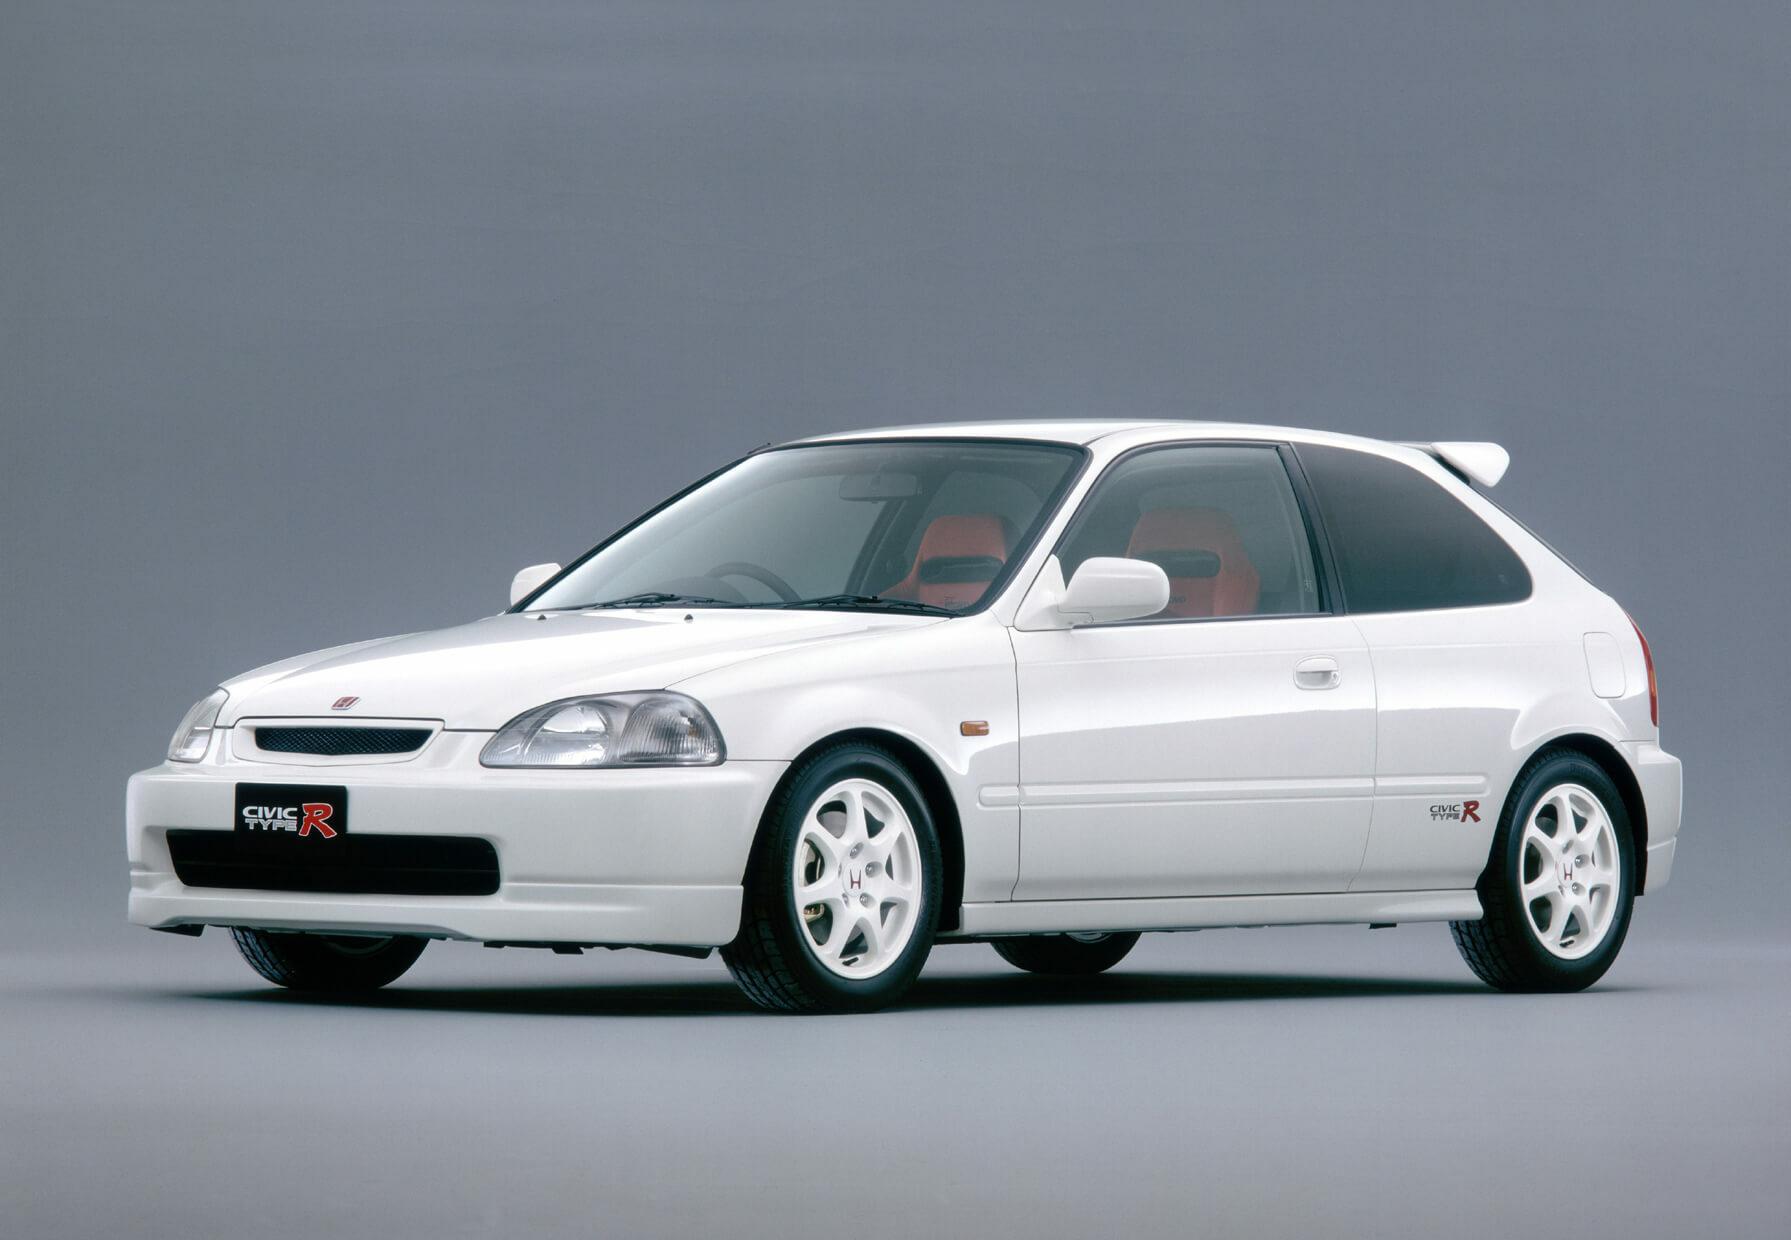 ホンダ シビック タイプR 1997年